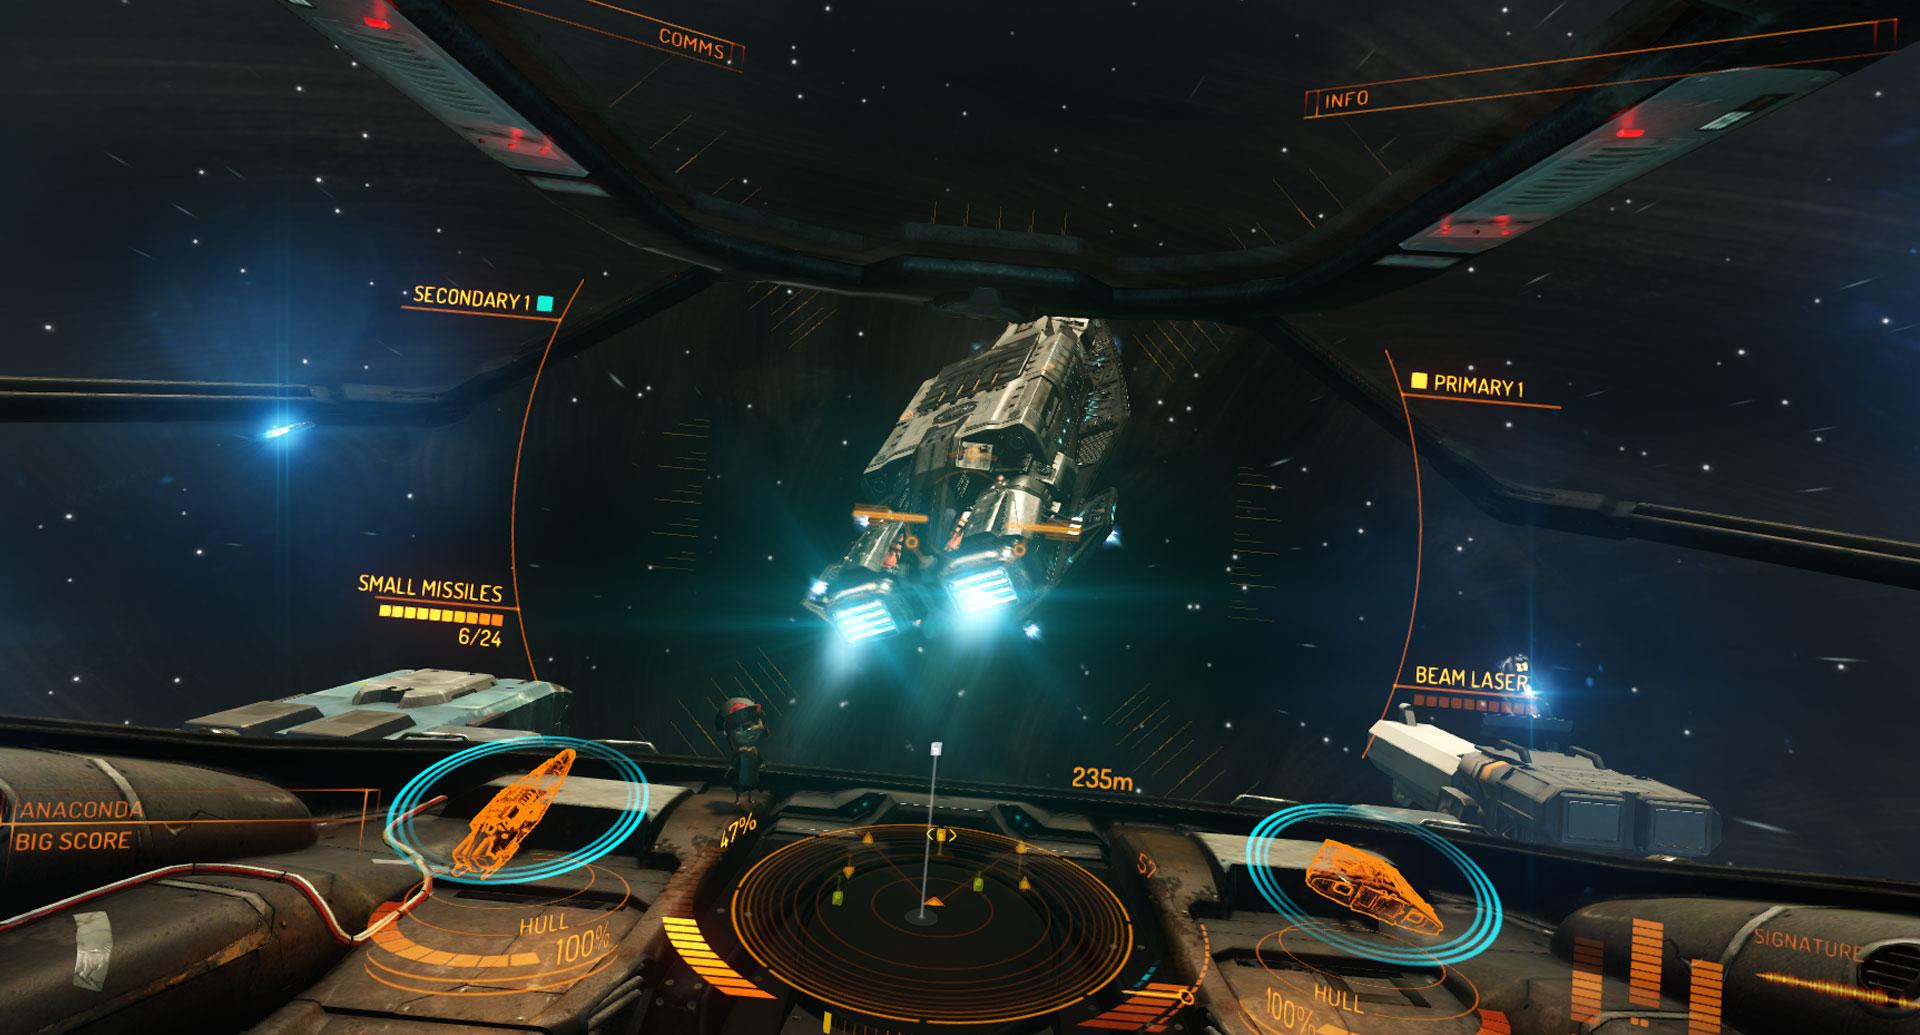 elite dangerous cockpit hd wallpaper - photo #5